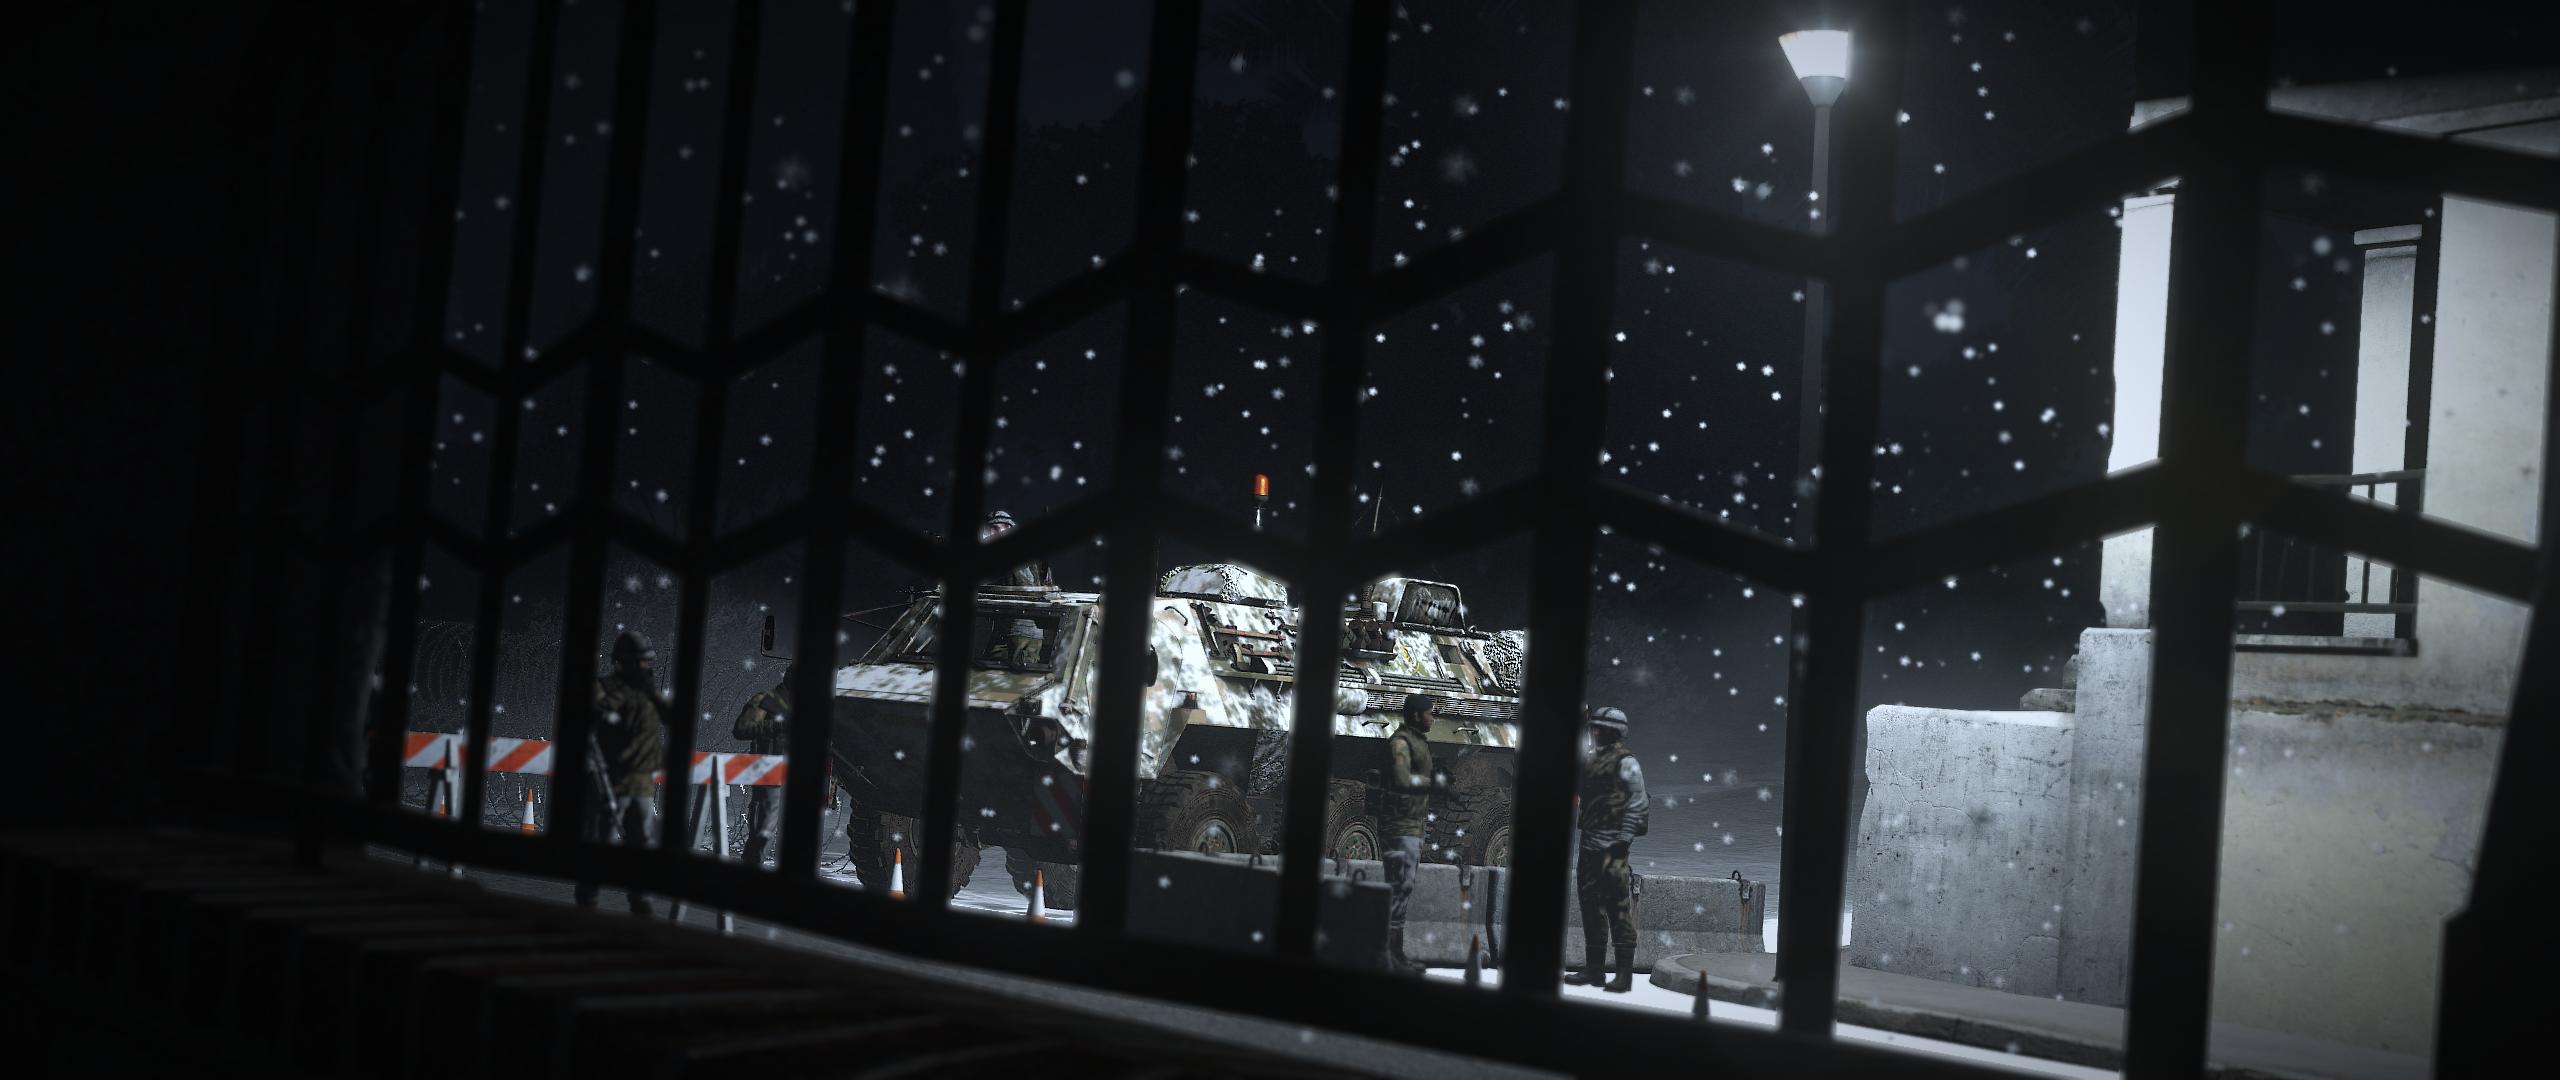 ArmA_3_Screenshot_2020.03.30_-_22.43.26.